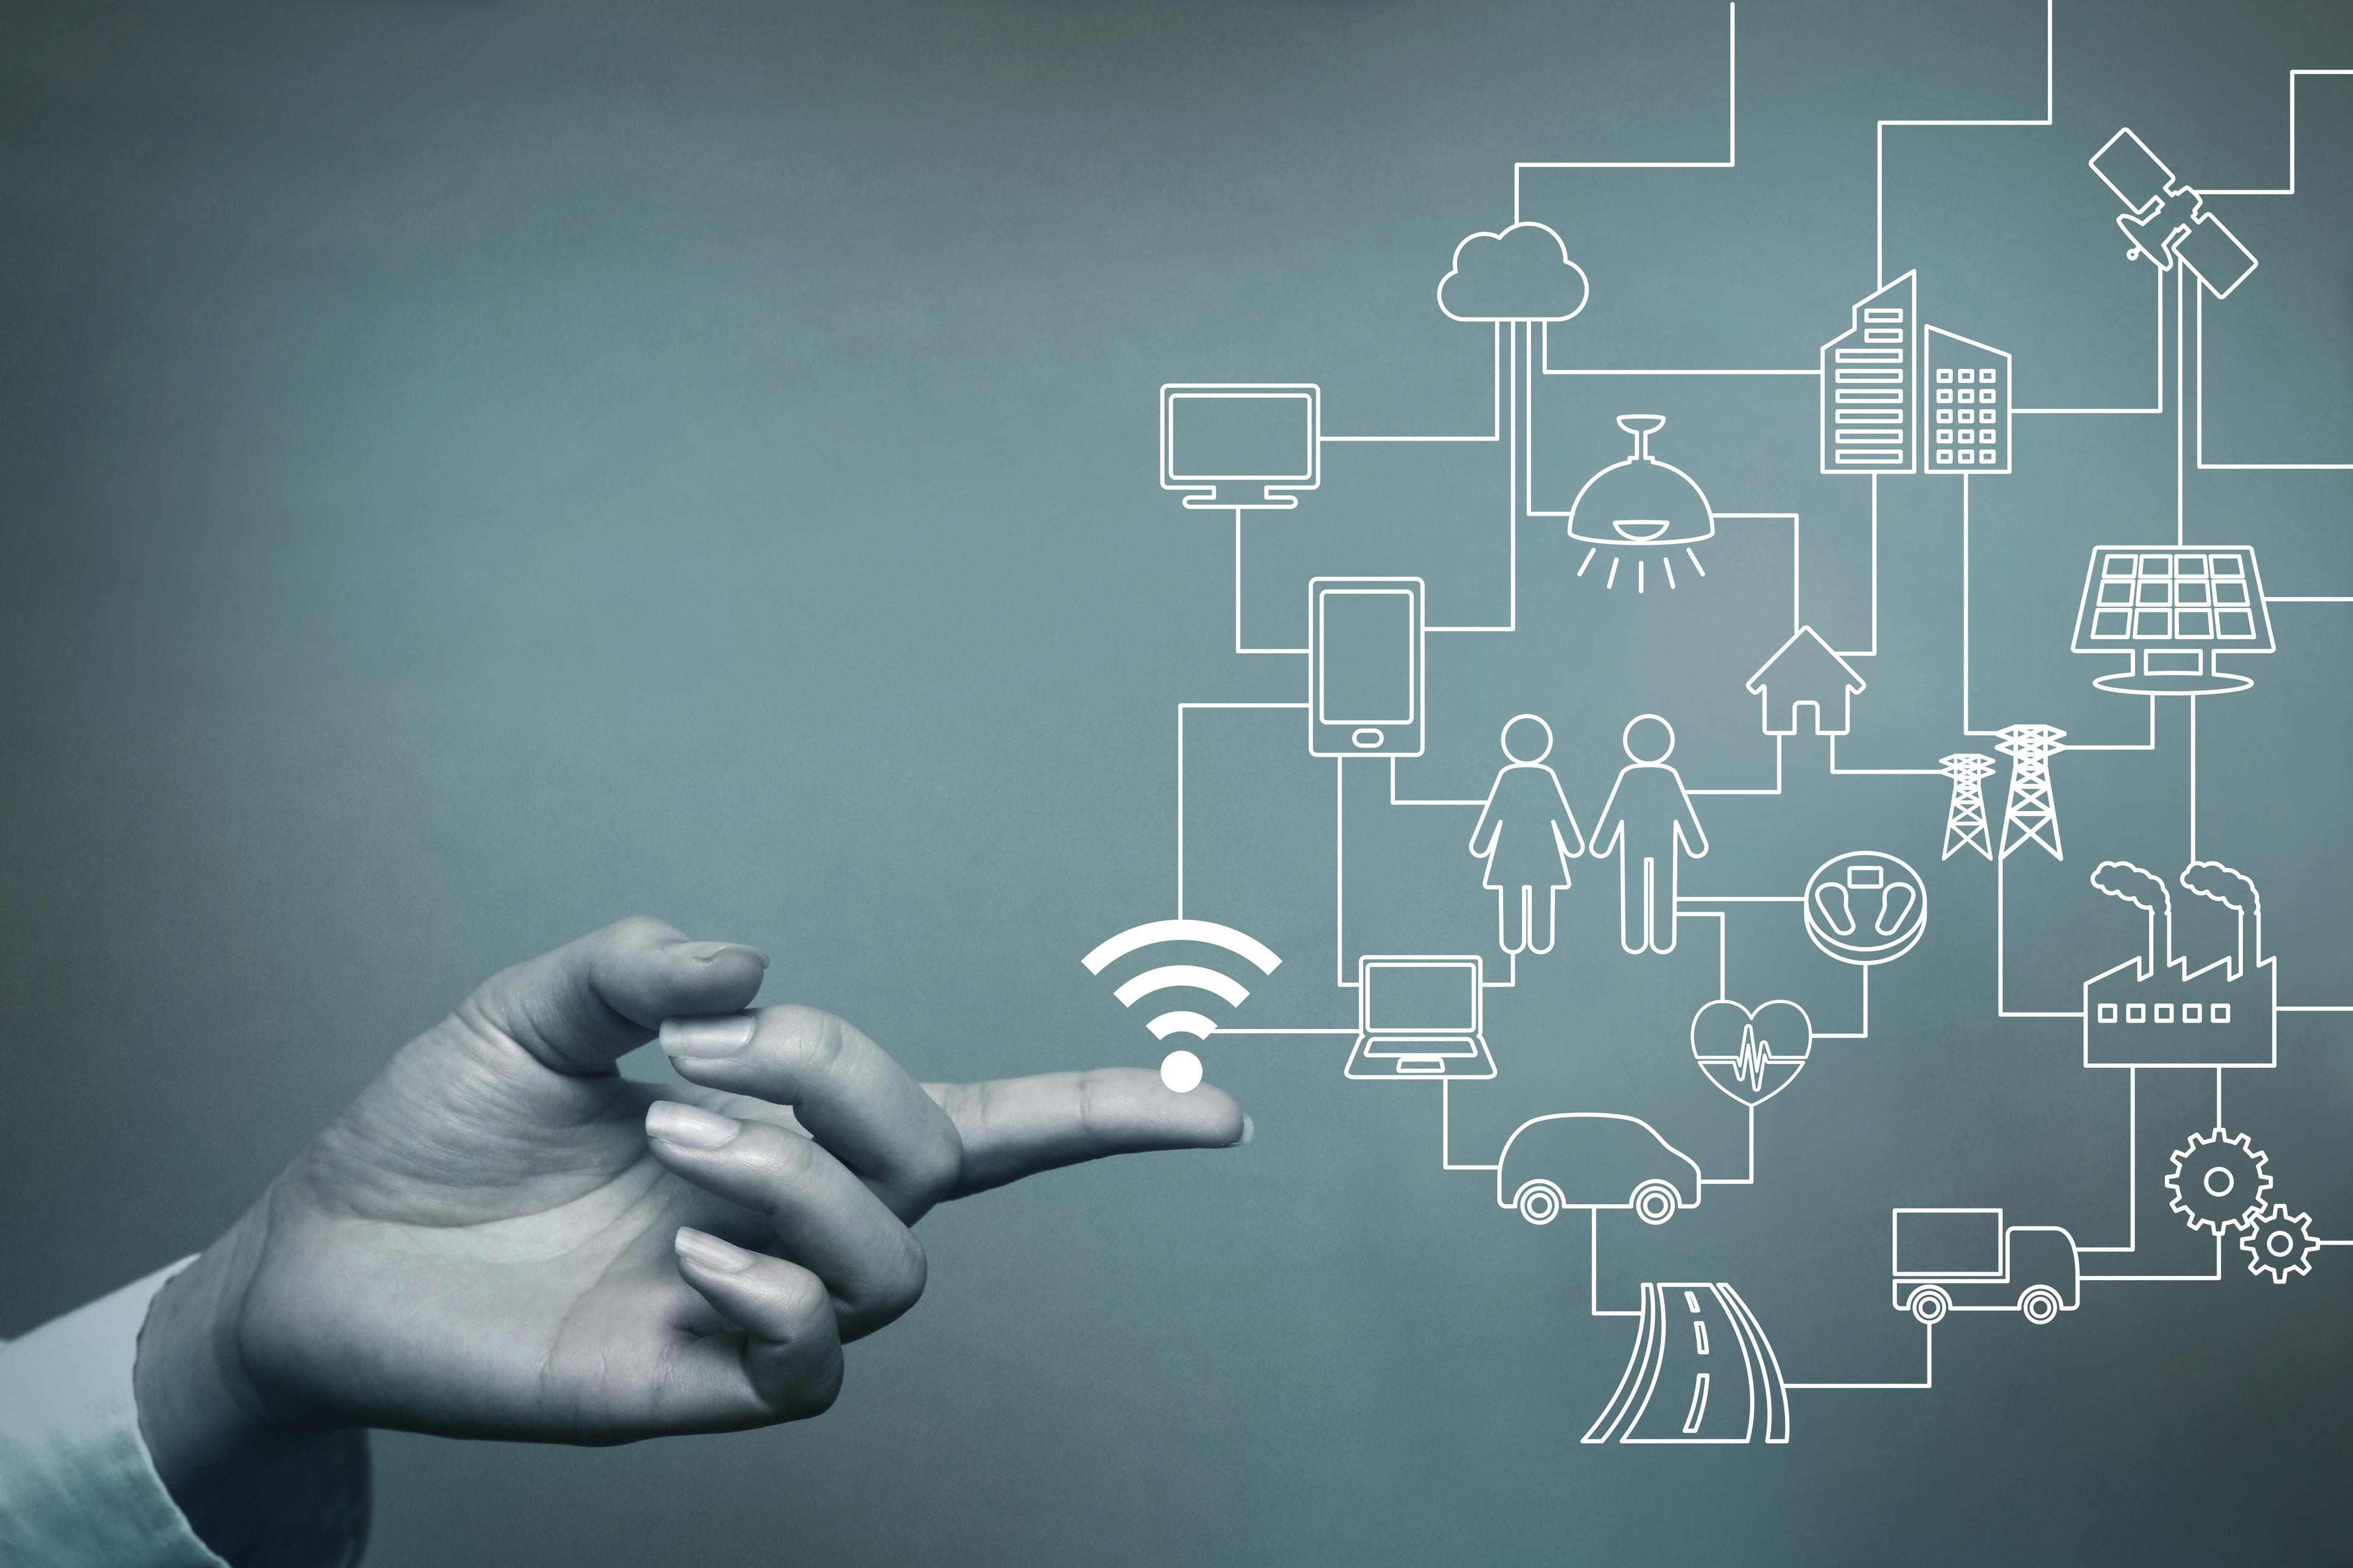 Cel mai eficient mod de a compara furnizorii de soluții de rețea pentru campusuri și organizații